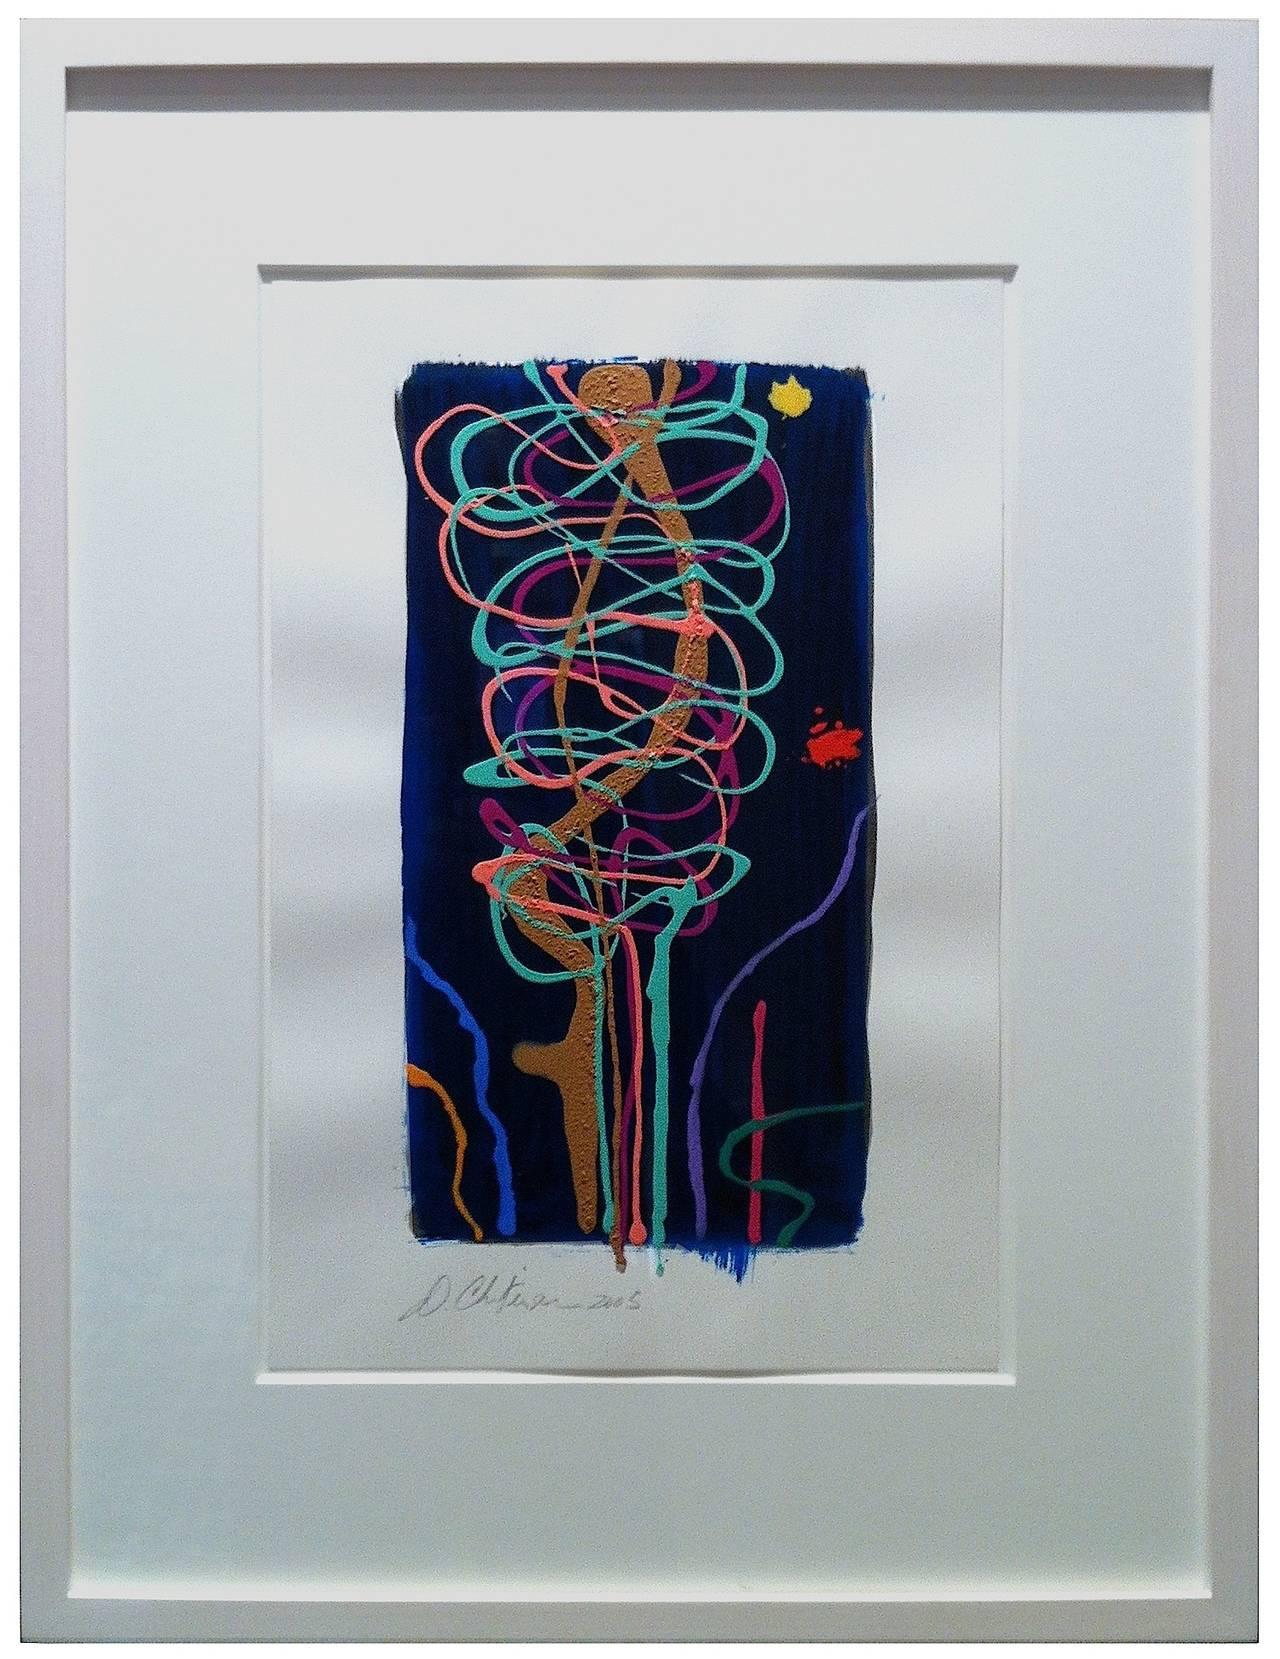 Eve's Garden - Abstract Art by Dan Christensen